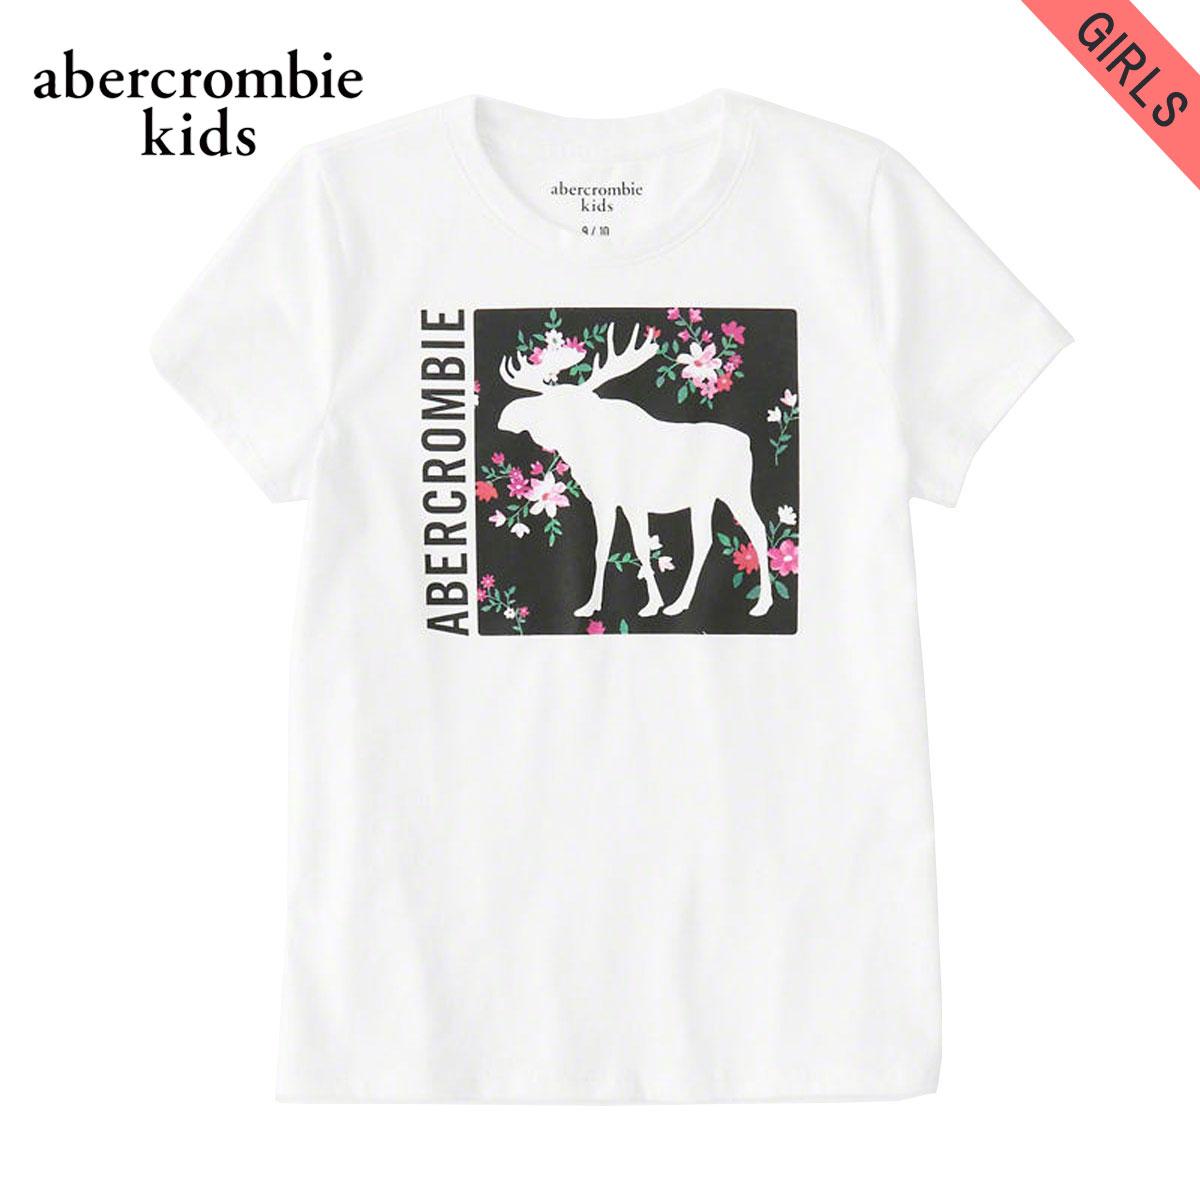 アバクロキッズ AbercrombieKids 正規品 子供服 ガールズ 半袖Tシャツ exploded icon tee 257-0891-0108-001